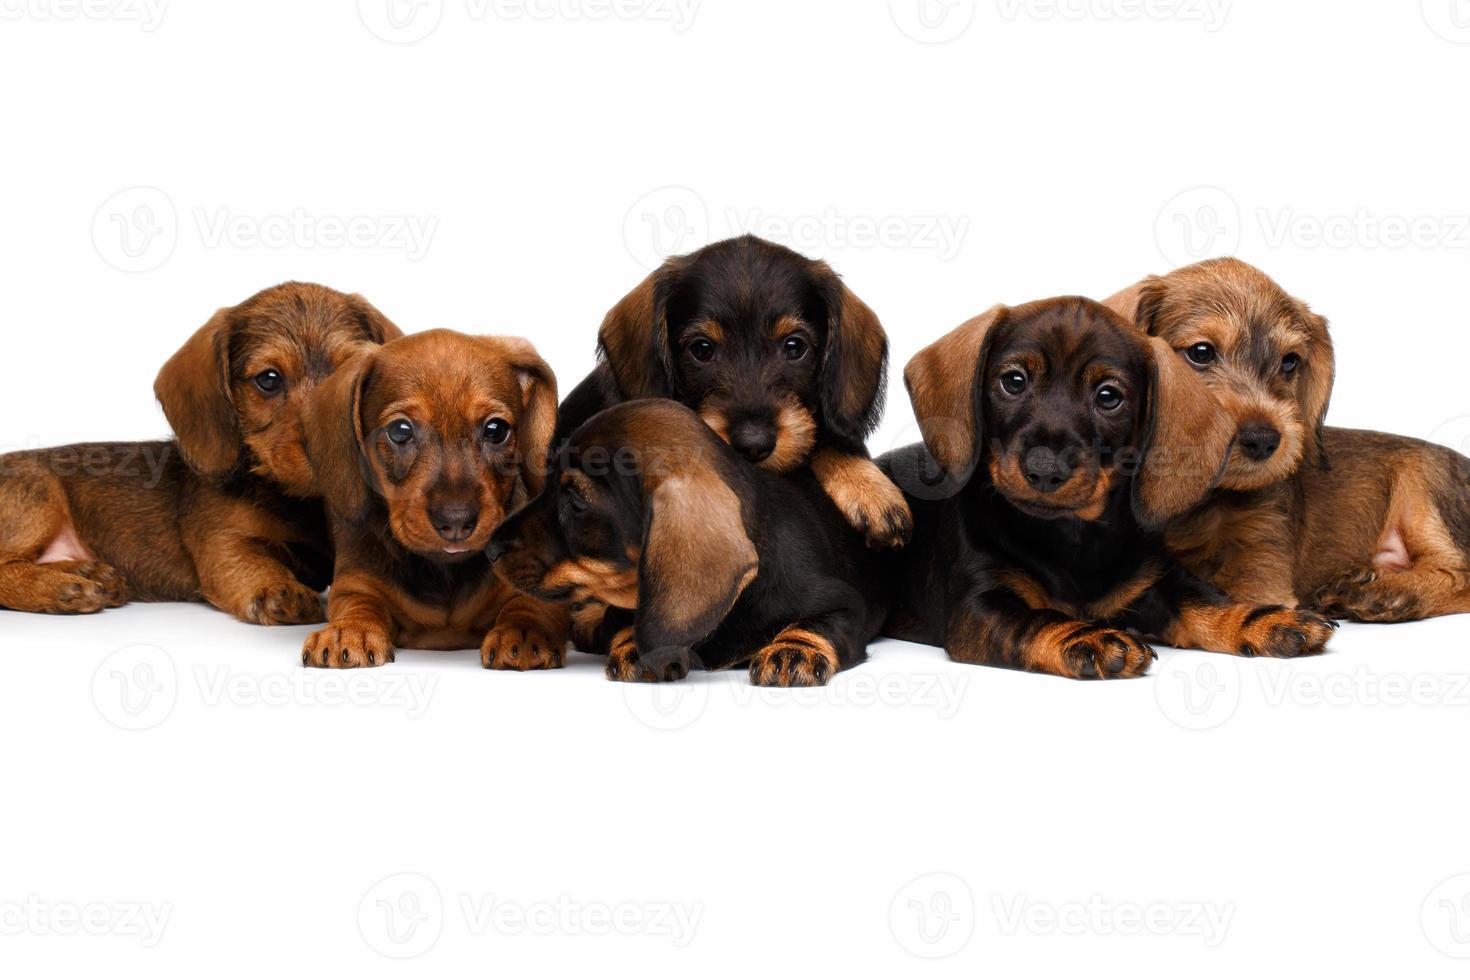 cachorros de perro salchicha foto